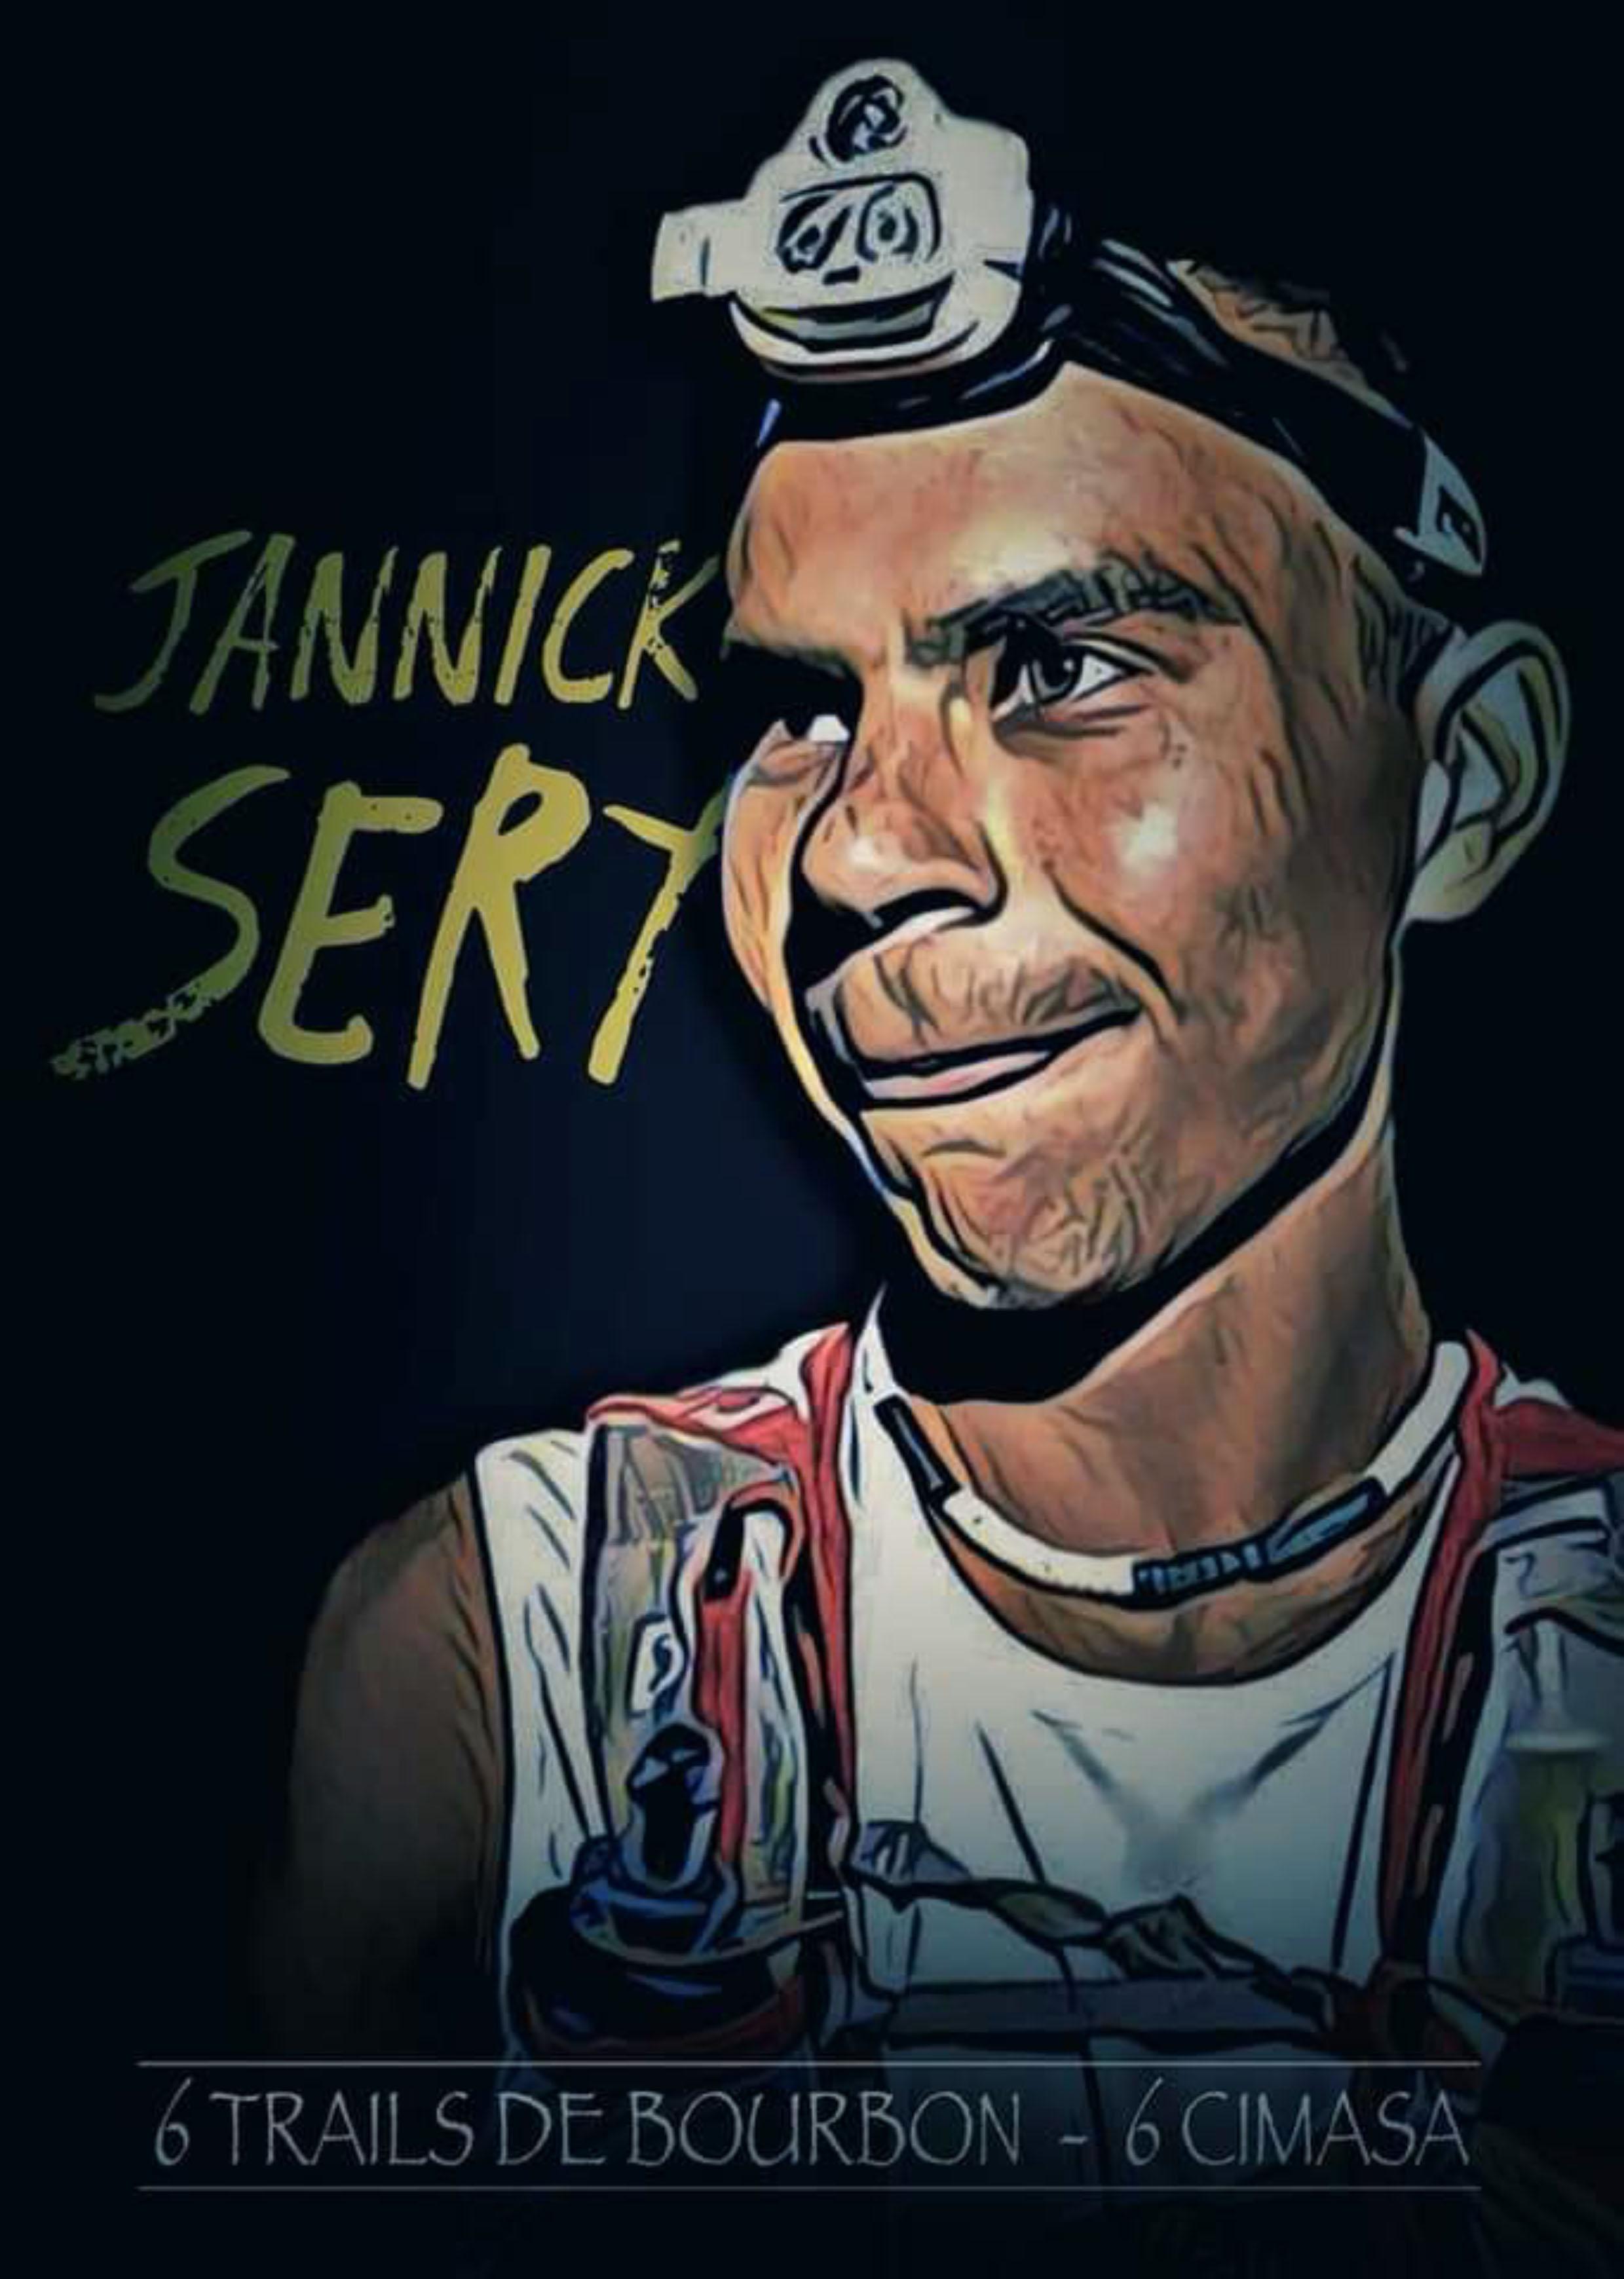 Jannick Séry croqué par le talentueux infographiste Mel Ja qui est lui aussi un passionné de trail